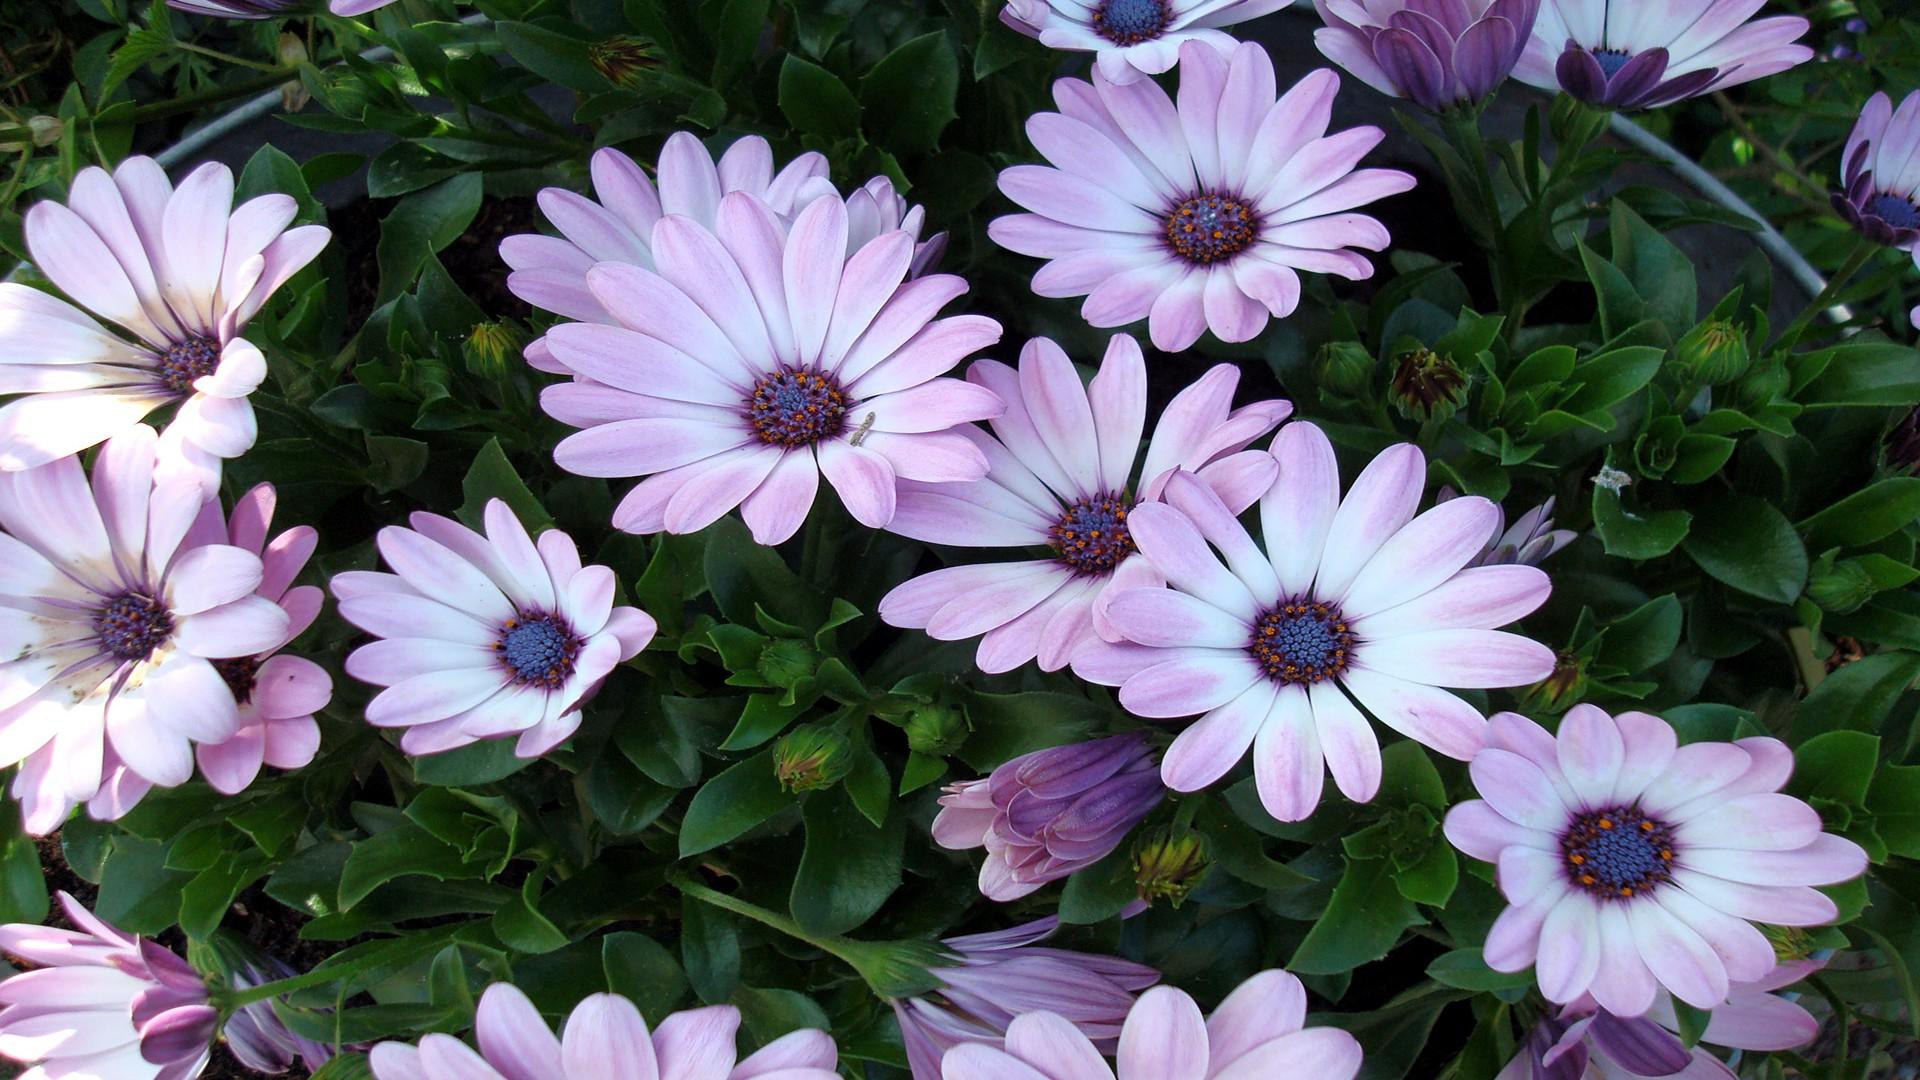 بالصور صور عن الورد , الجمال الطبيعى فى صور الورود 285 10